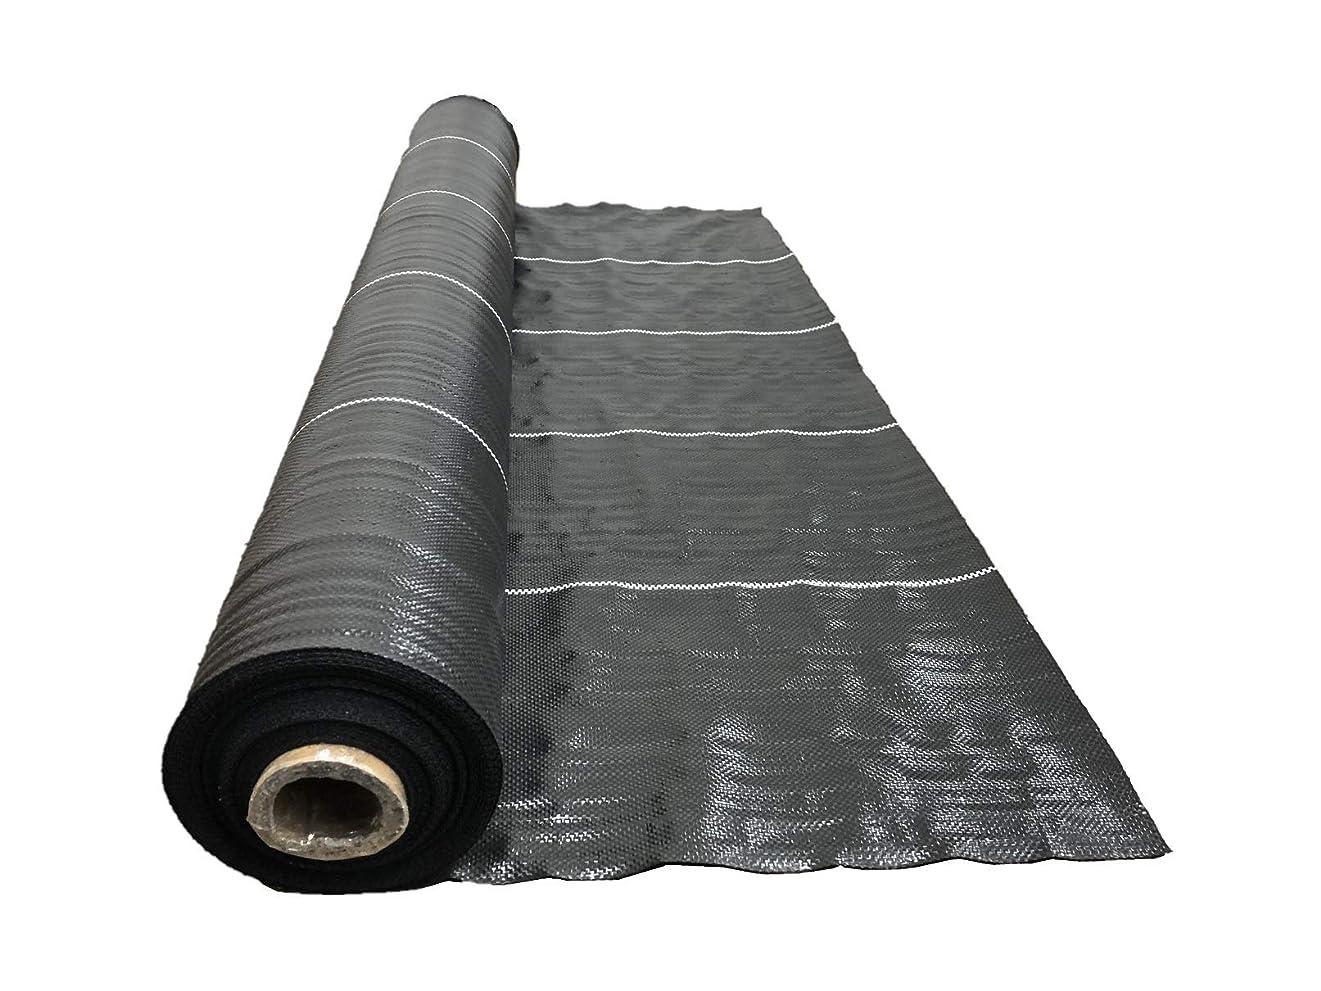 不調和捨てるガレージ高質防草シート 黒 1m×50m 抗菌剤入り(耐用年数4~6年)厚み0.4mm 厚手 草よけシート